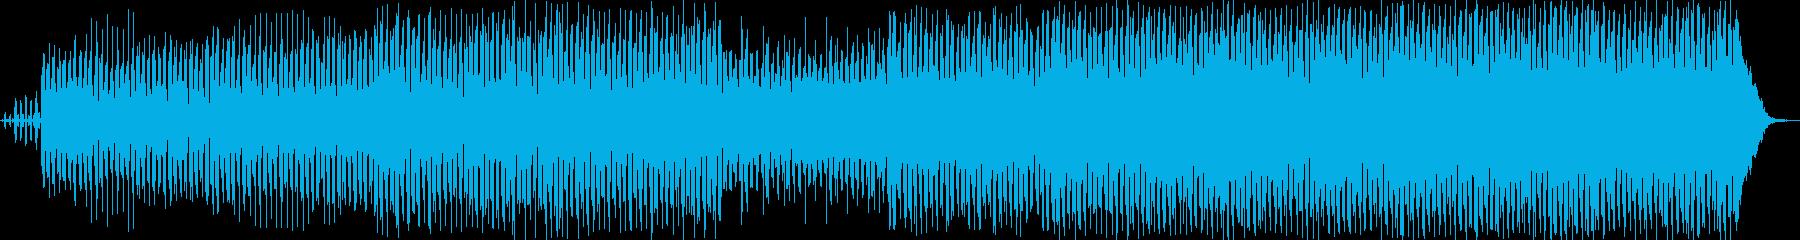 エレクトロニック 技術的な 楽しげ...の再生済みの波形